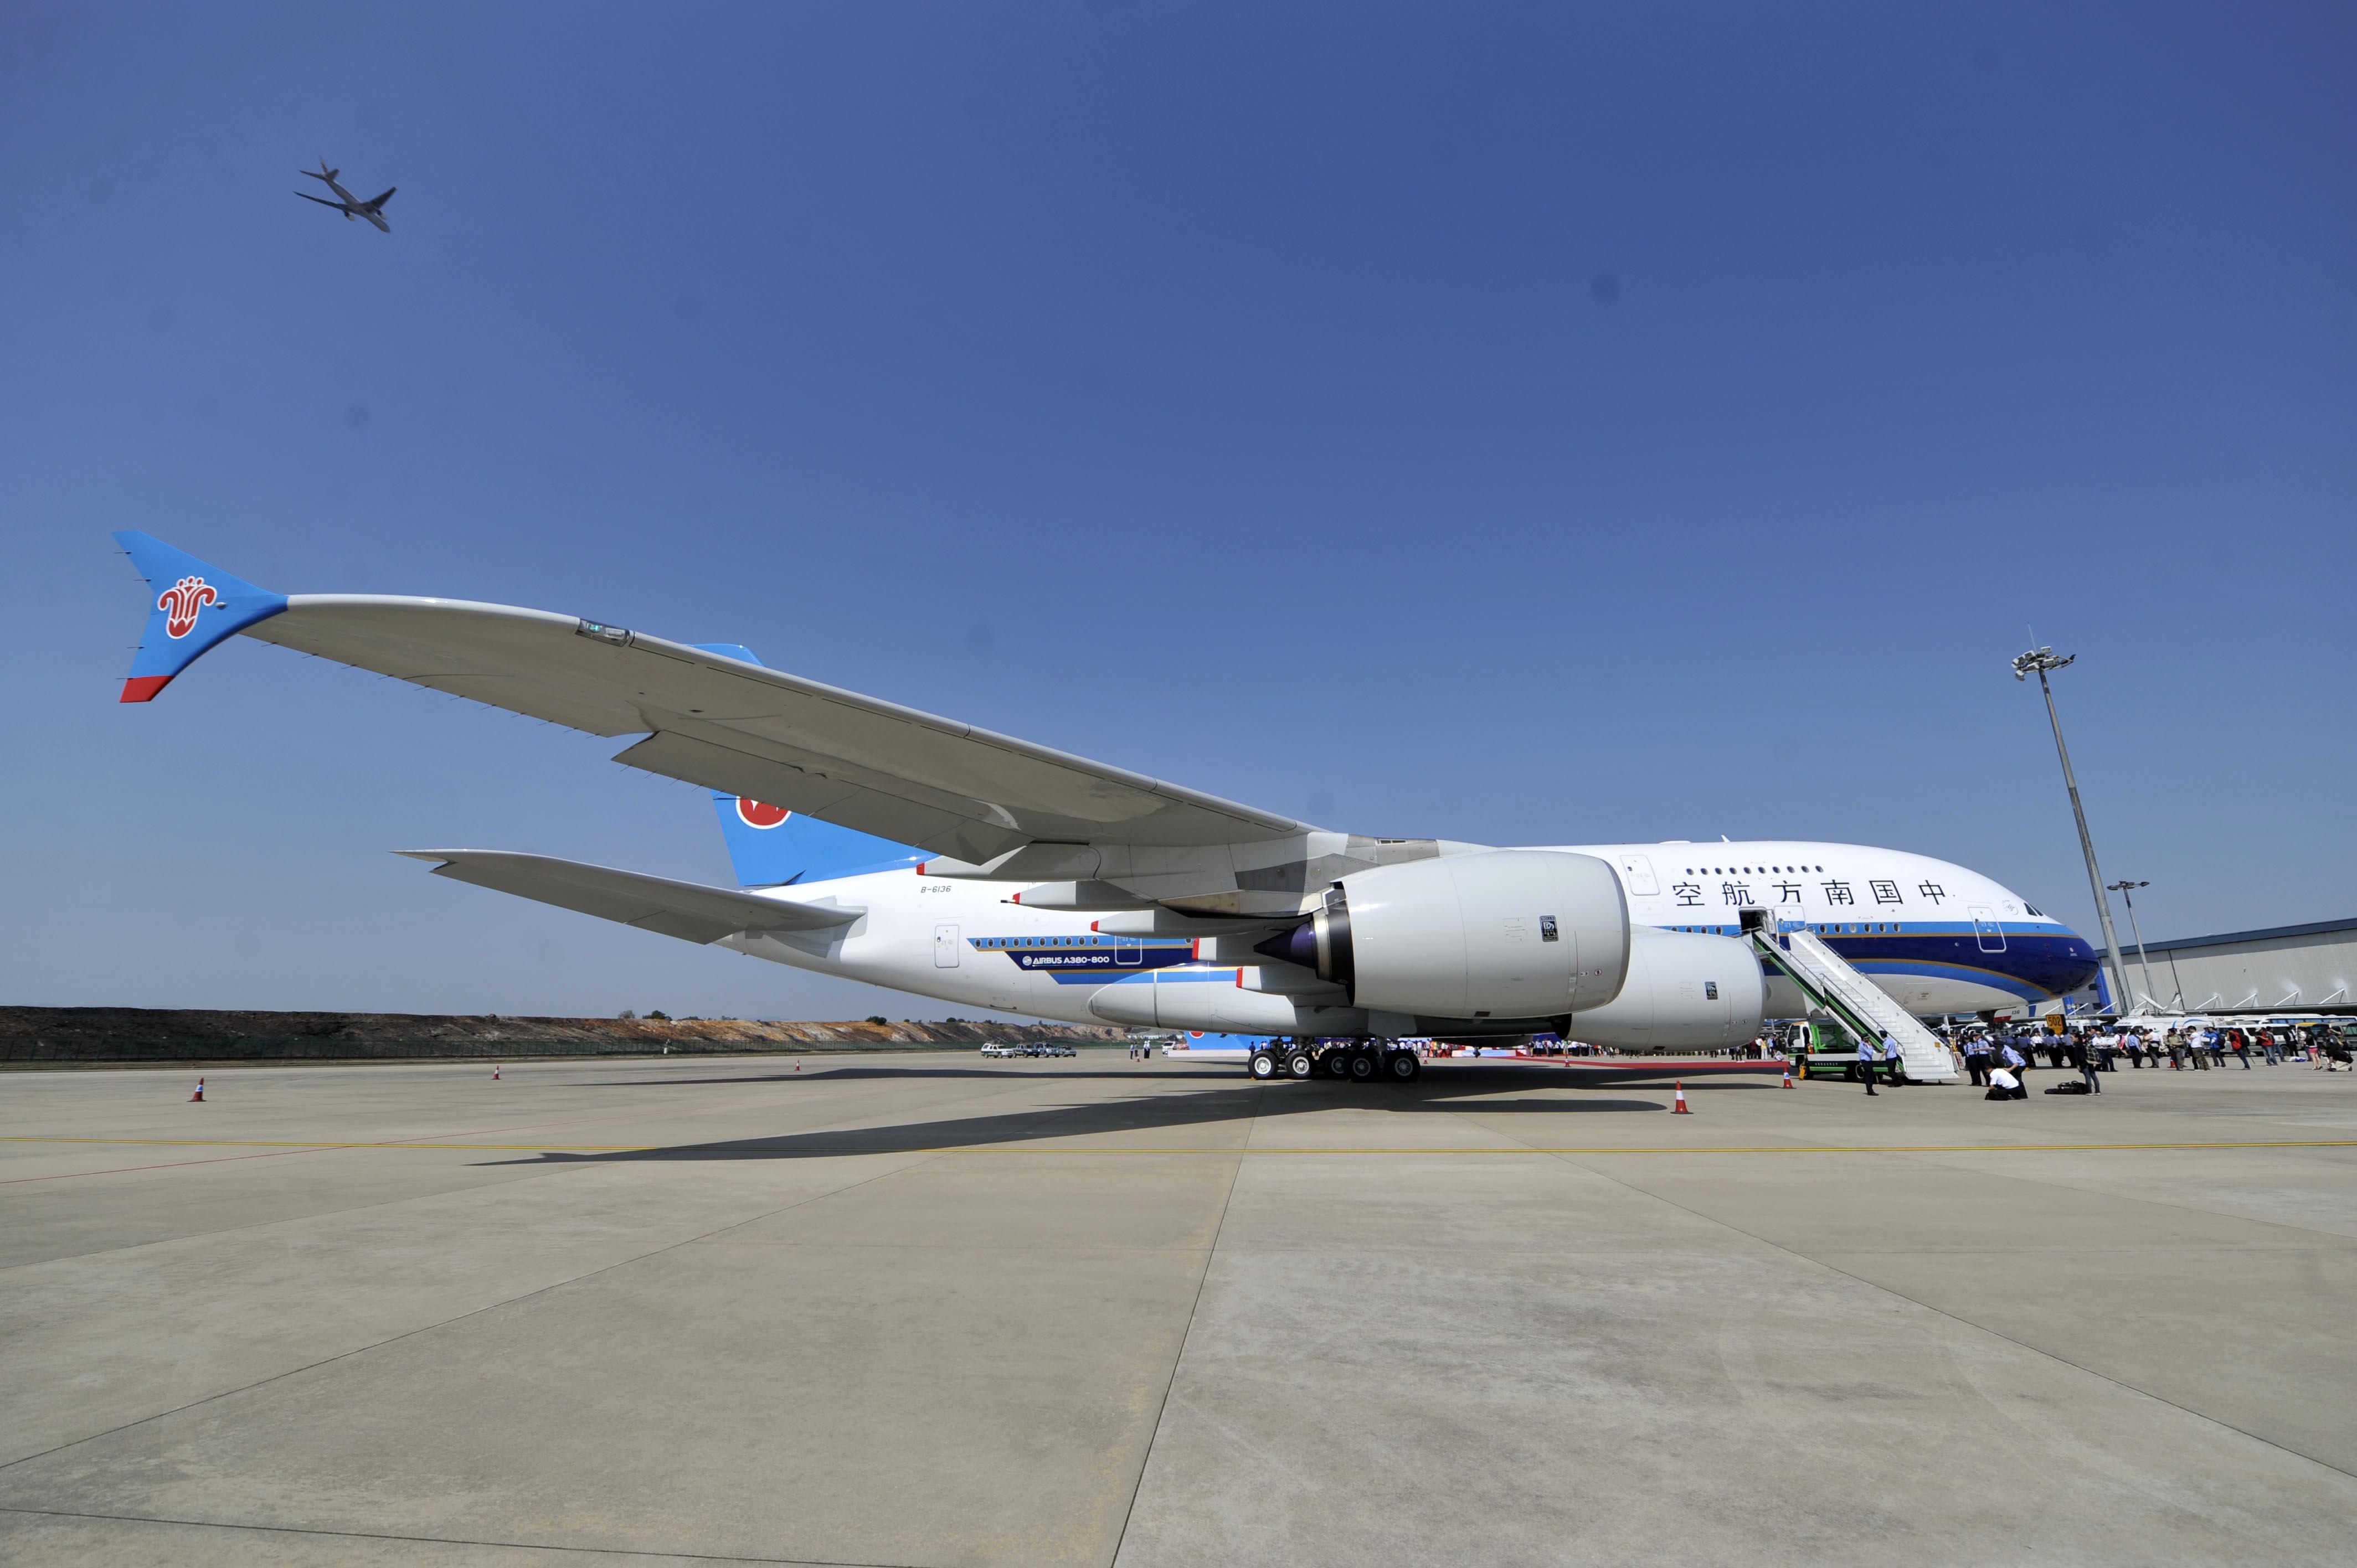 深航一架由台州飞来广州的zh9648航班